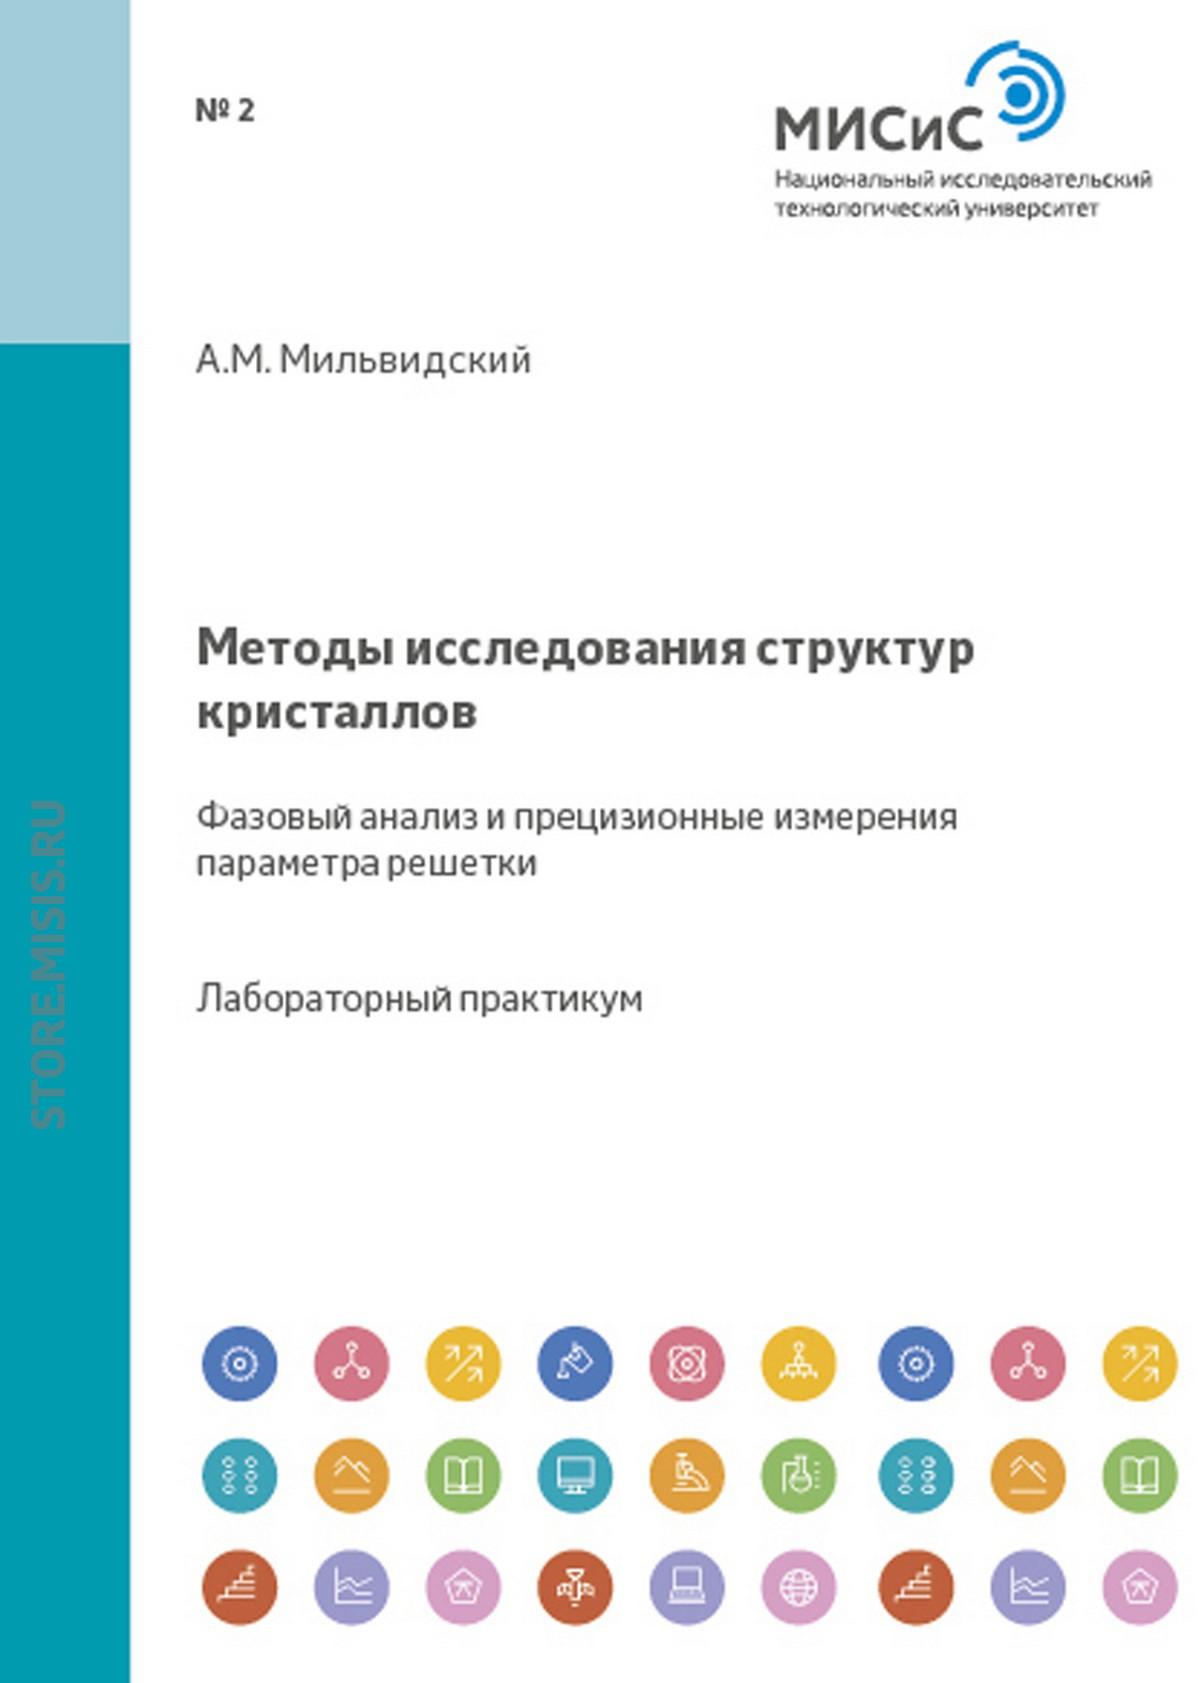 Андрей Мильвидский Методы исследования структуры кристаллов. Фазовый анализ и прецизионные измерения параметра решетки